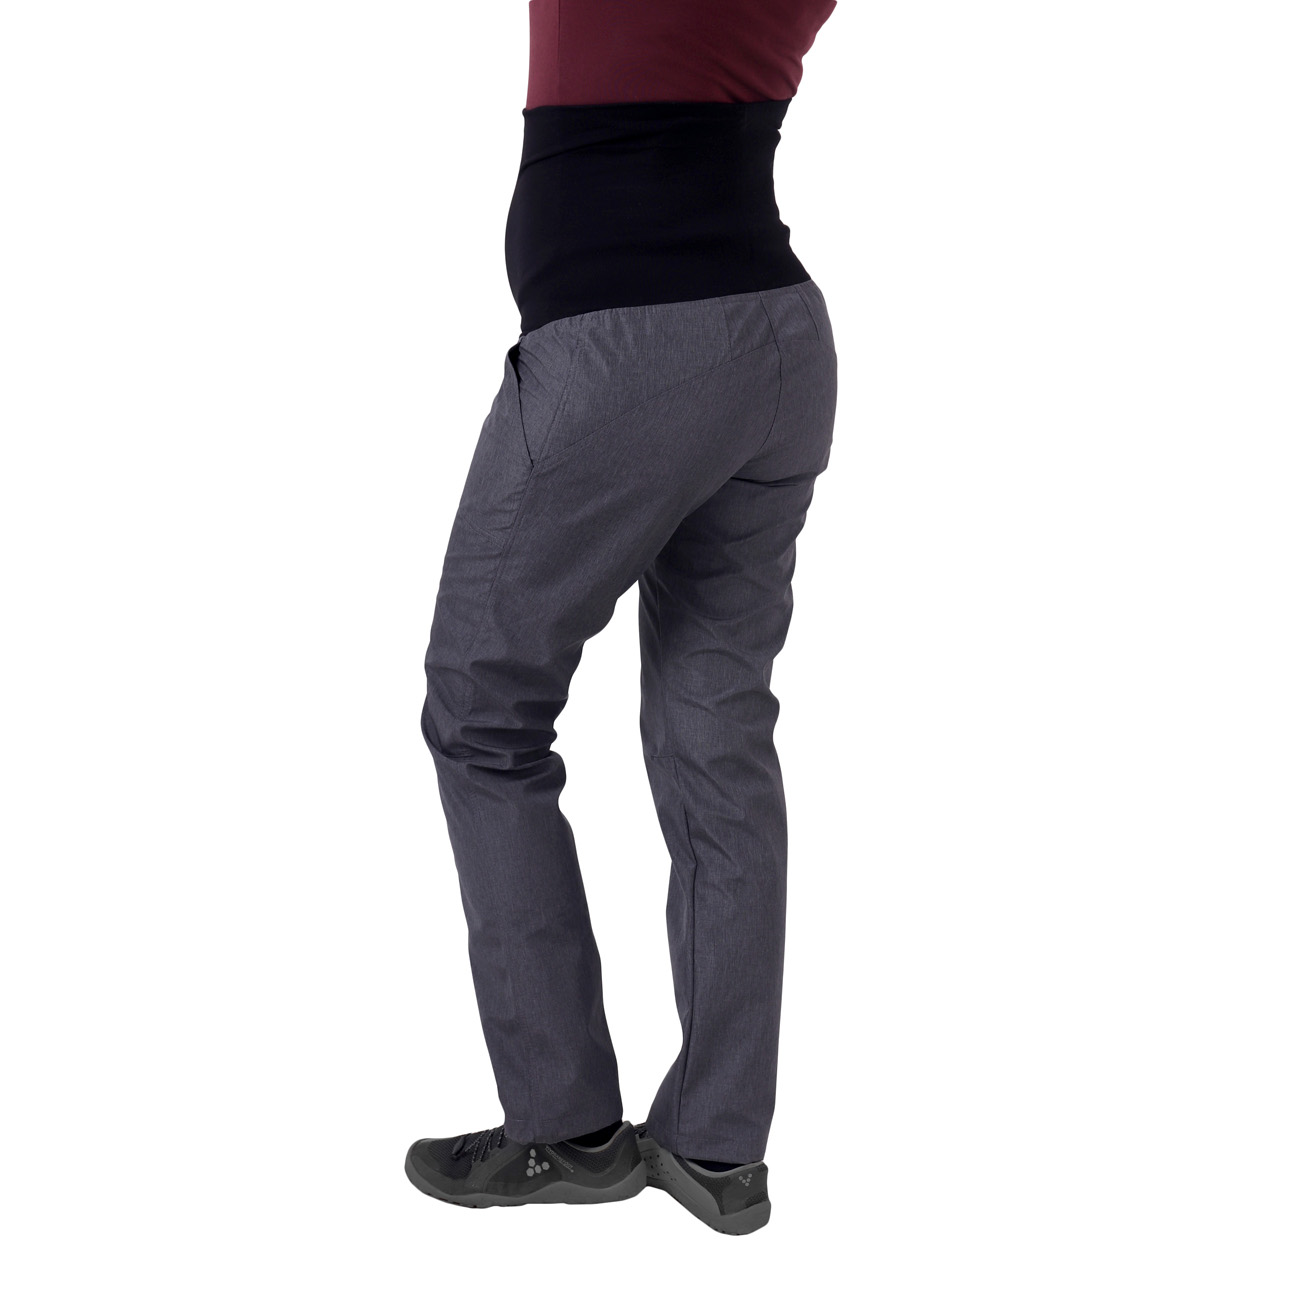 Jarní/letní těhotenské softshellové kalhoty liva, šedý melír, 40 normální délka